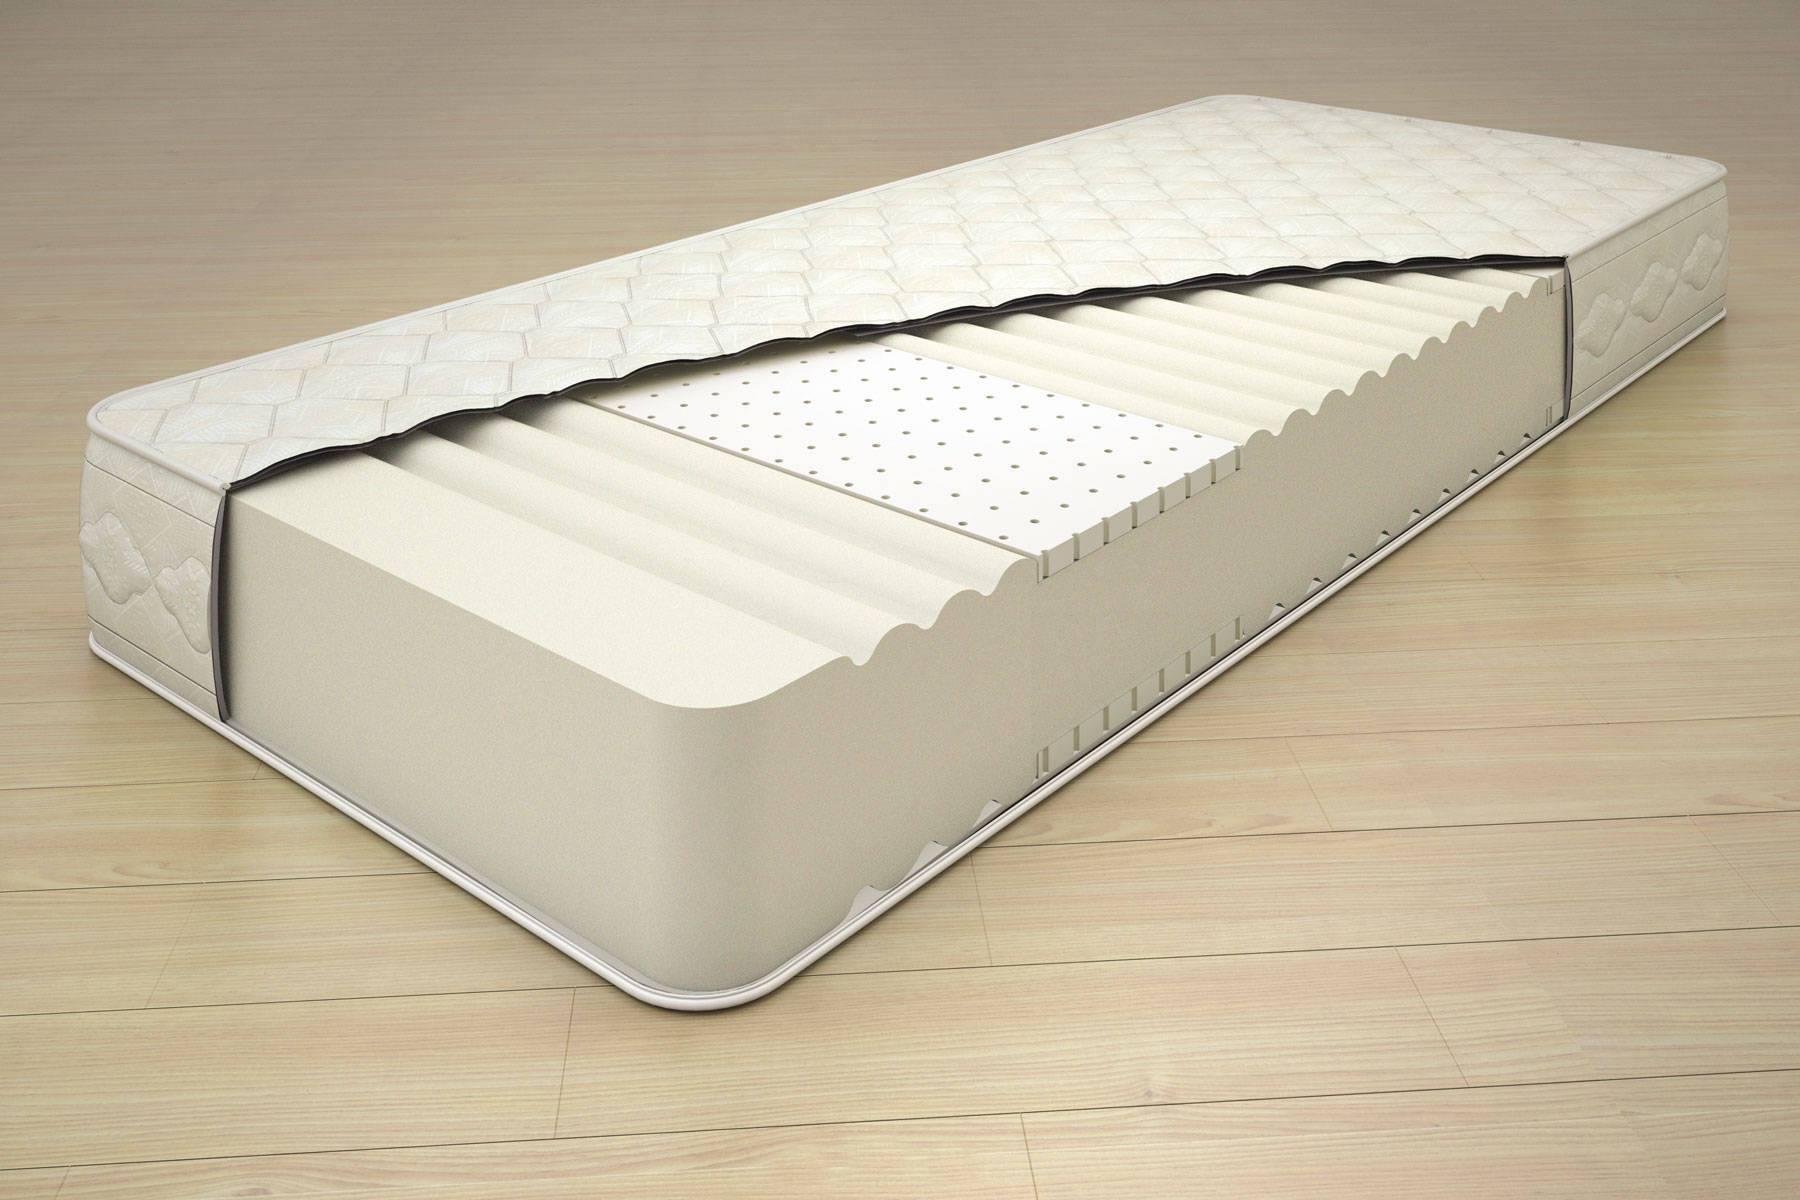 двухъярусная кровать в рязани купить